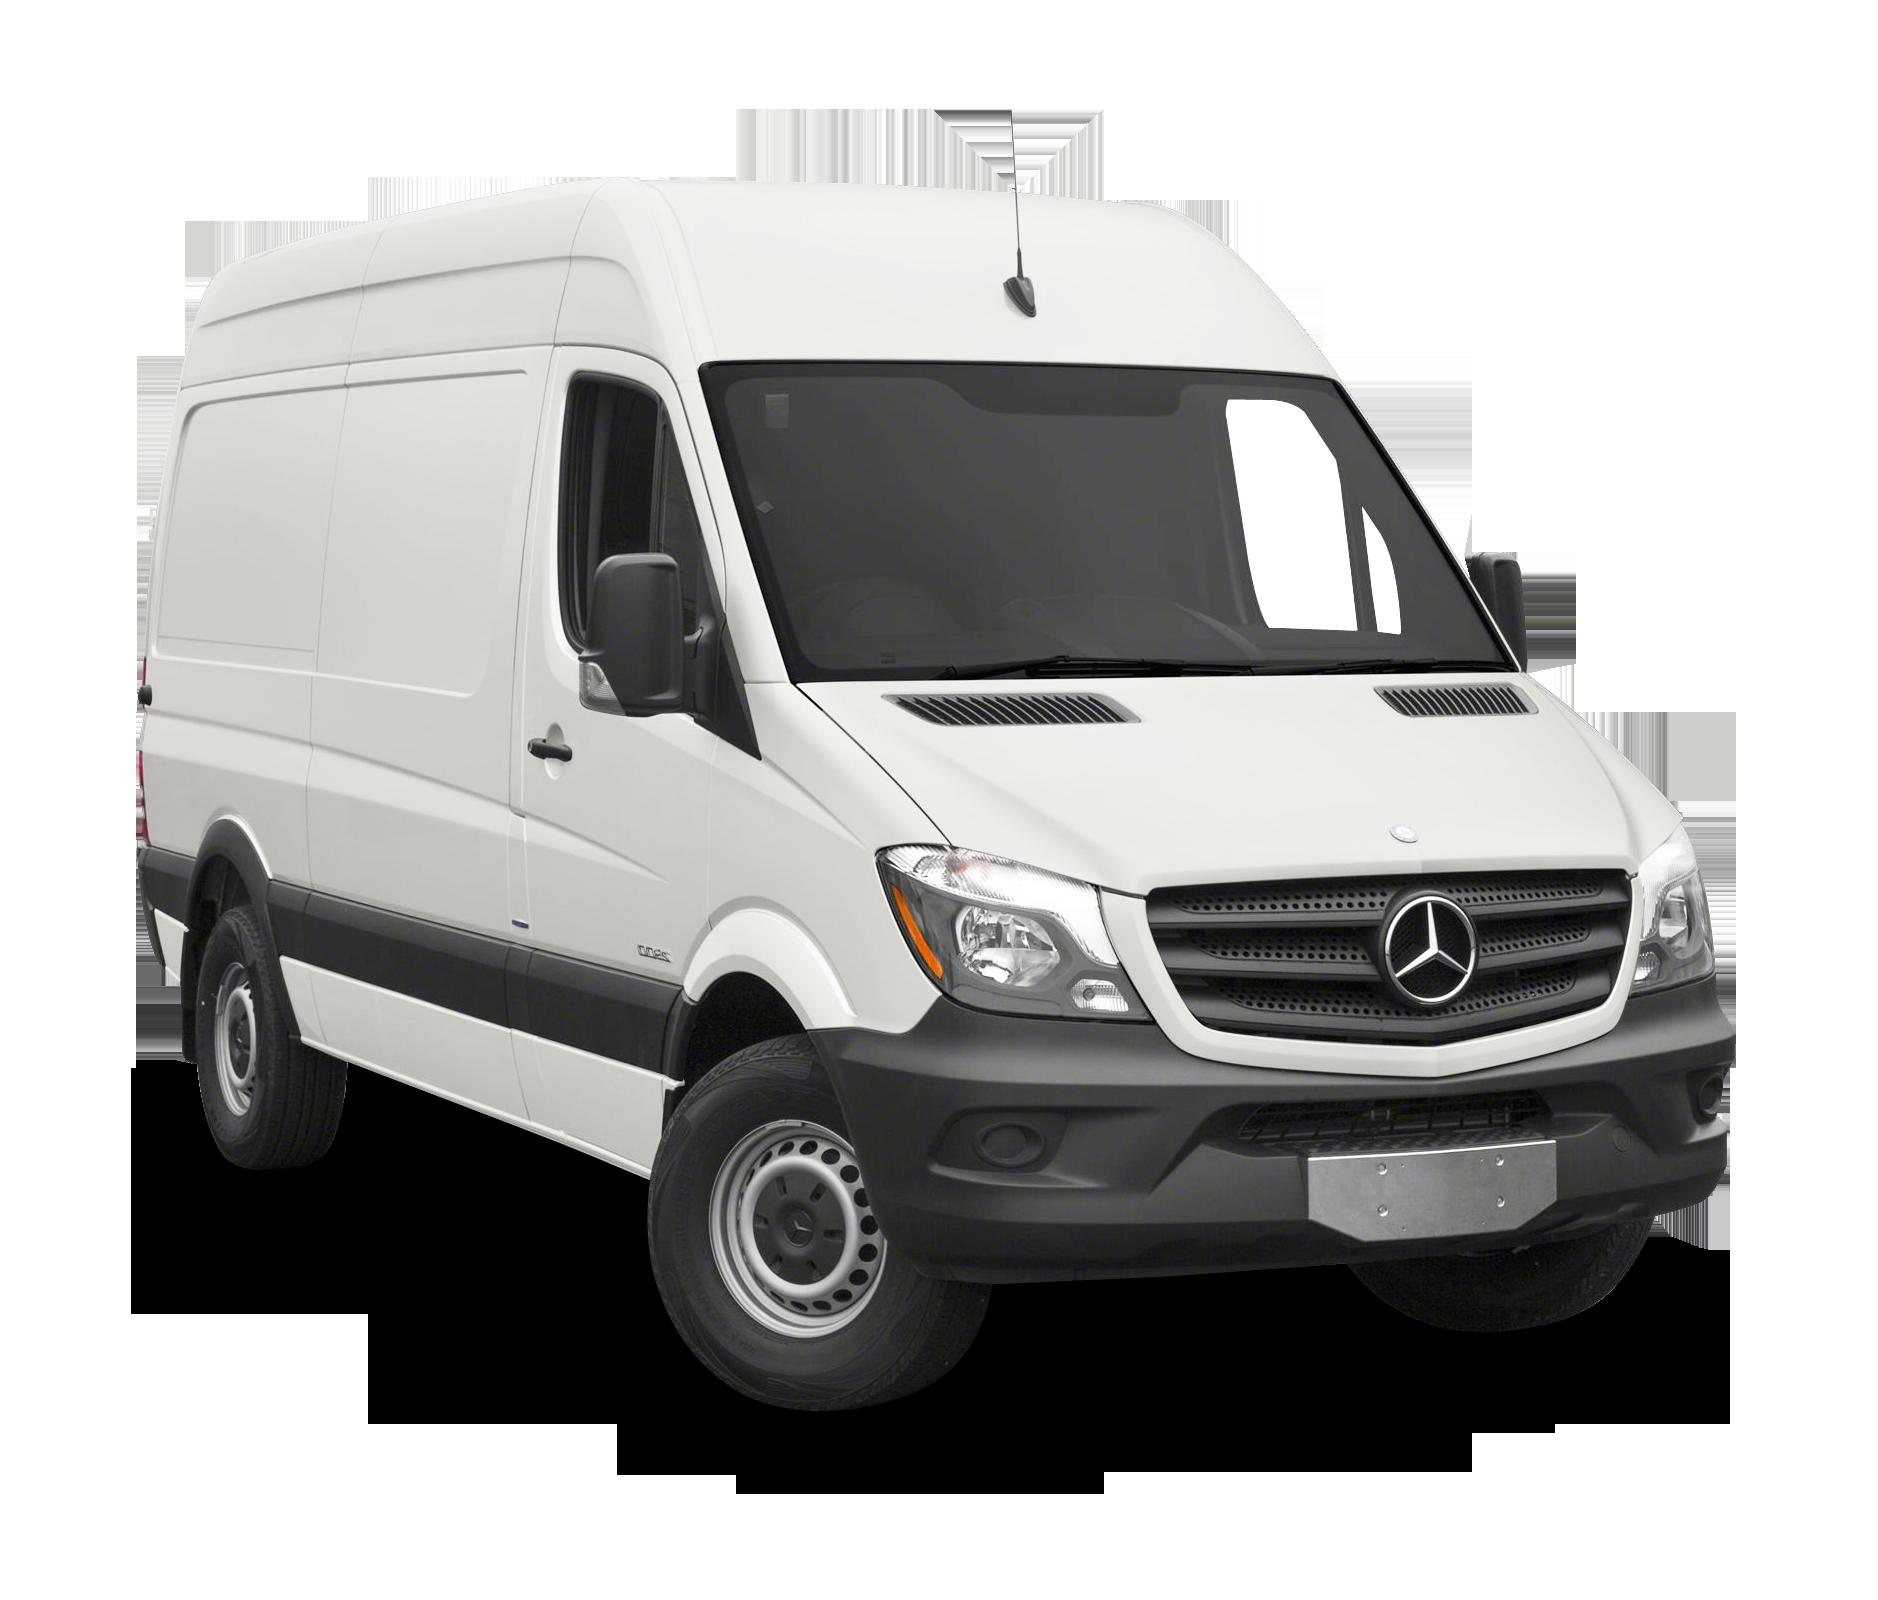 Cargo Van PNG Transparent Cargo Van.PNG Images..